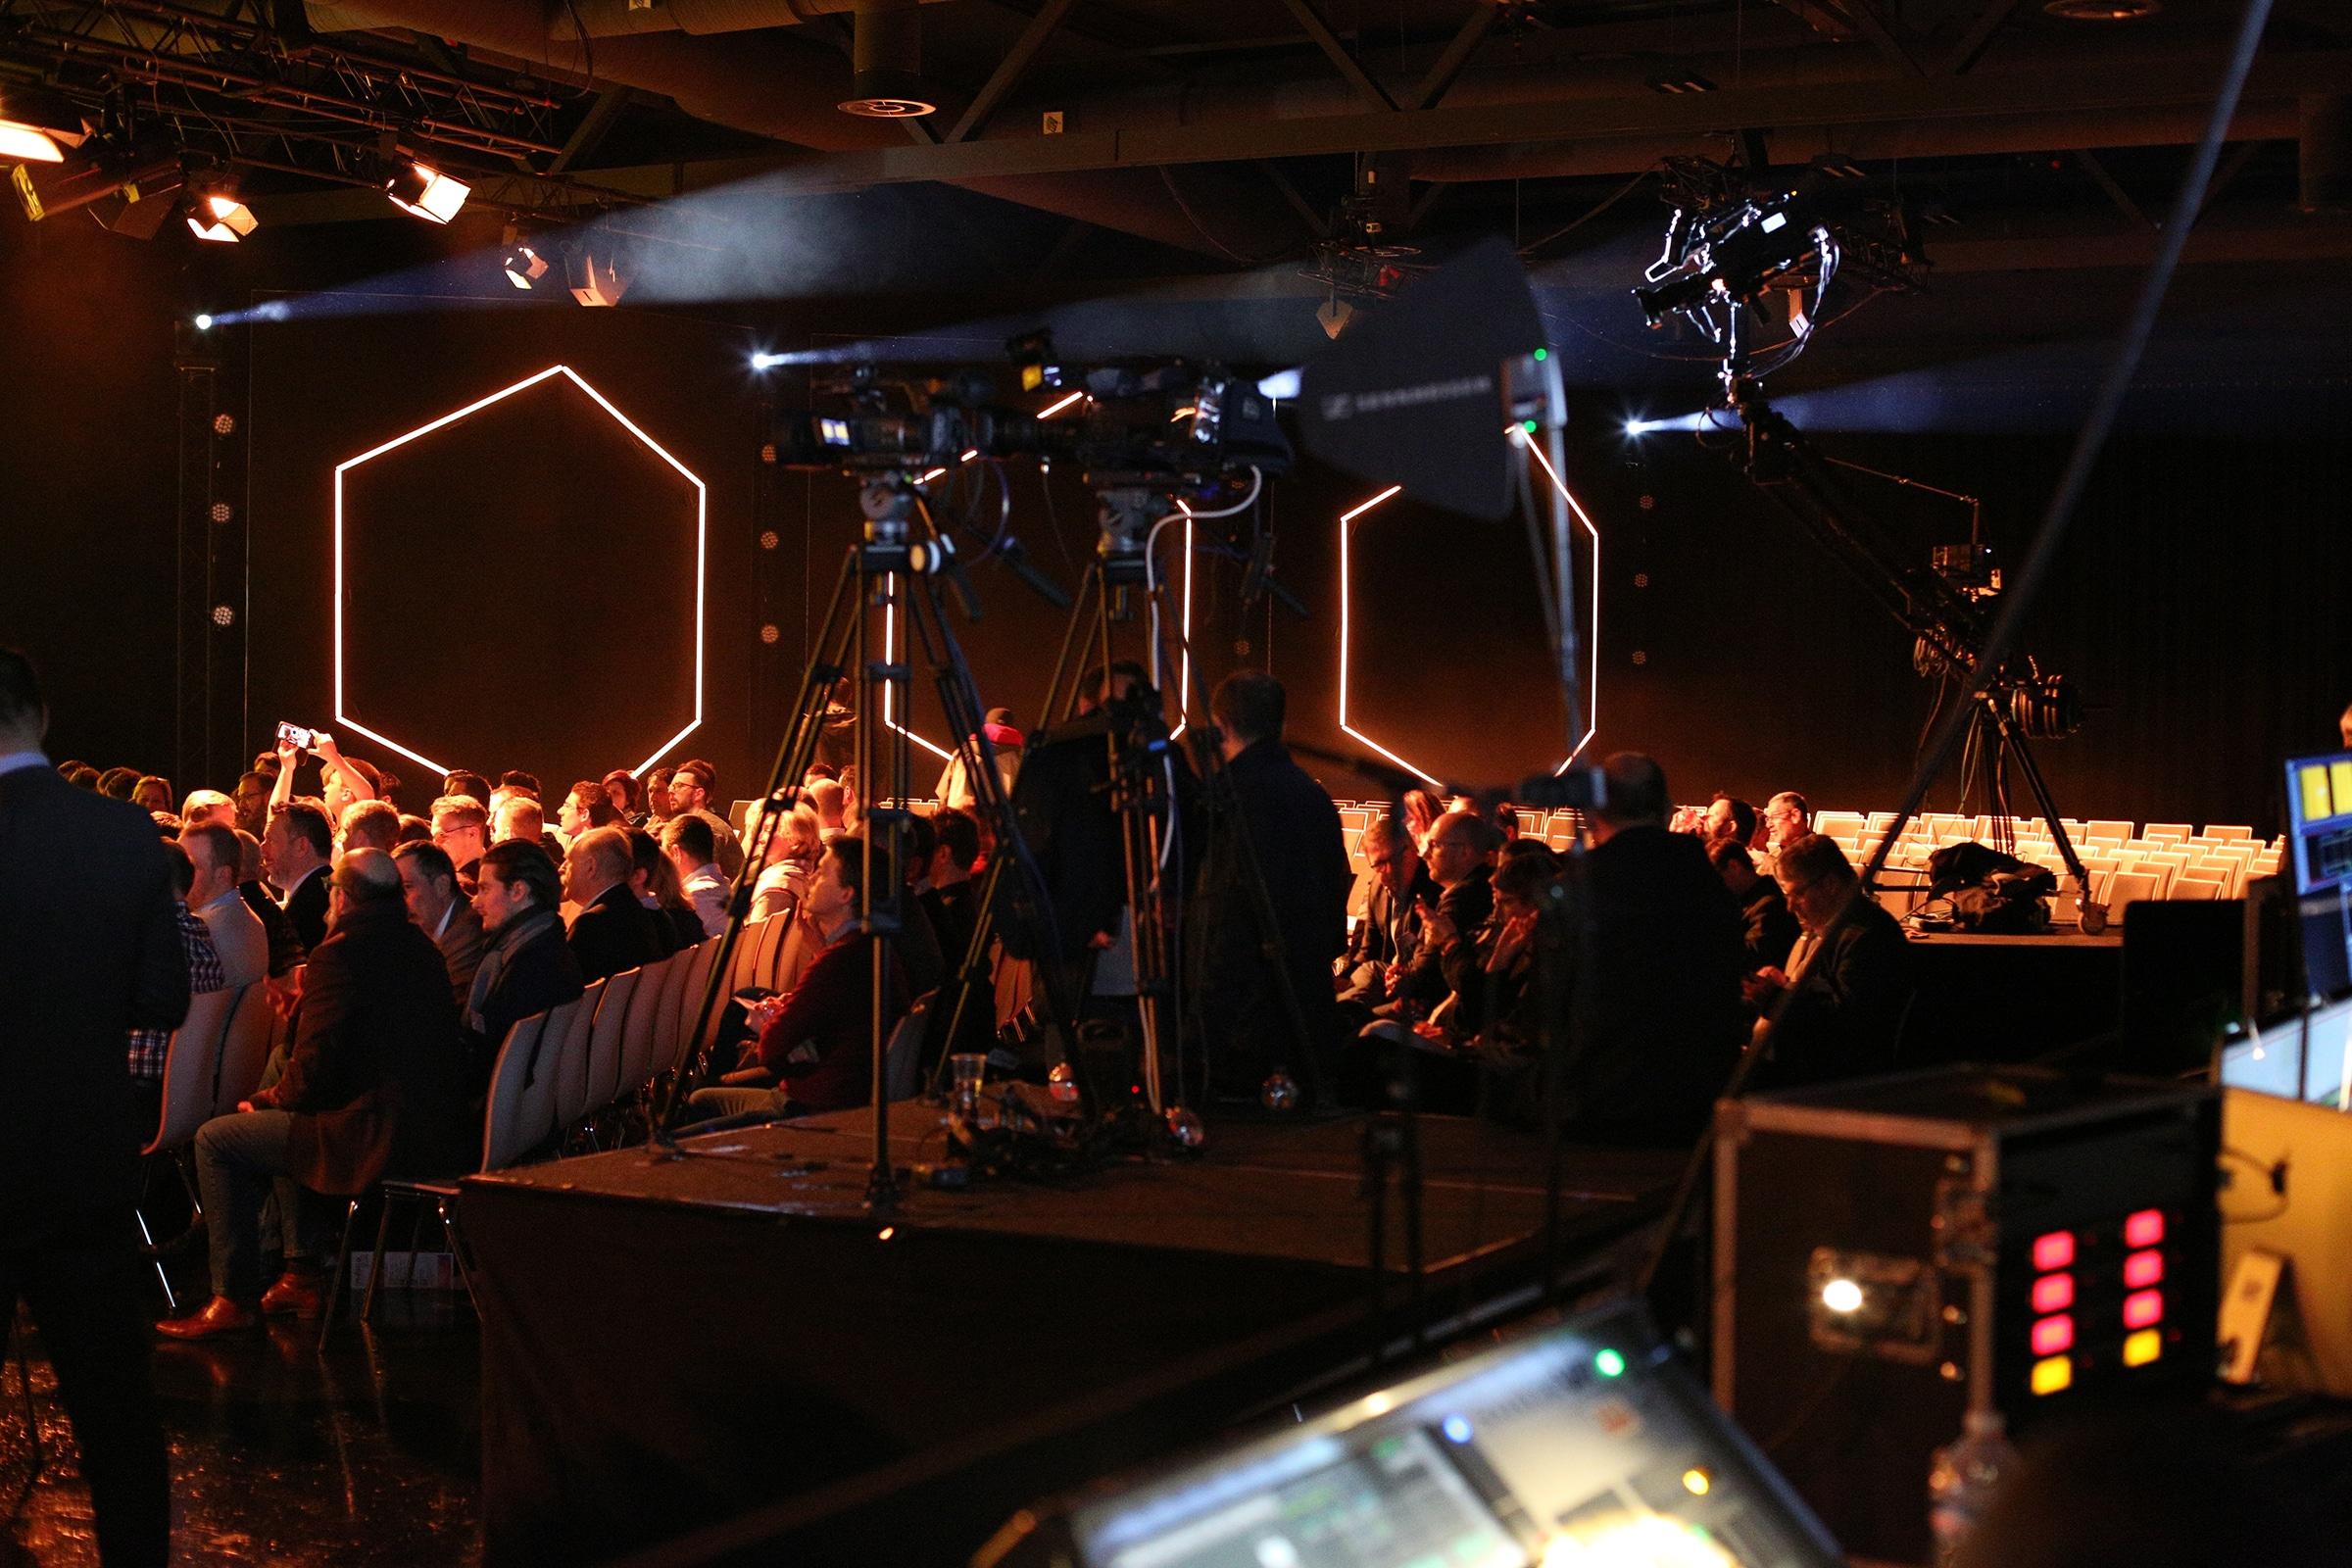 Shine a light agence évènementielle luxembourg - créateur d'expériences immersives -Entrepreneurs' Days Chambre de Commerce